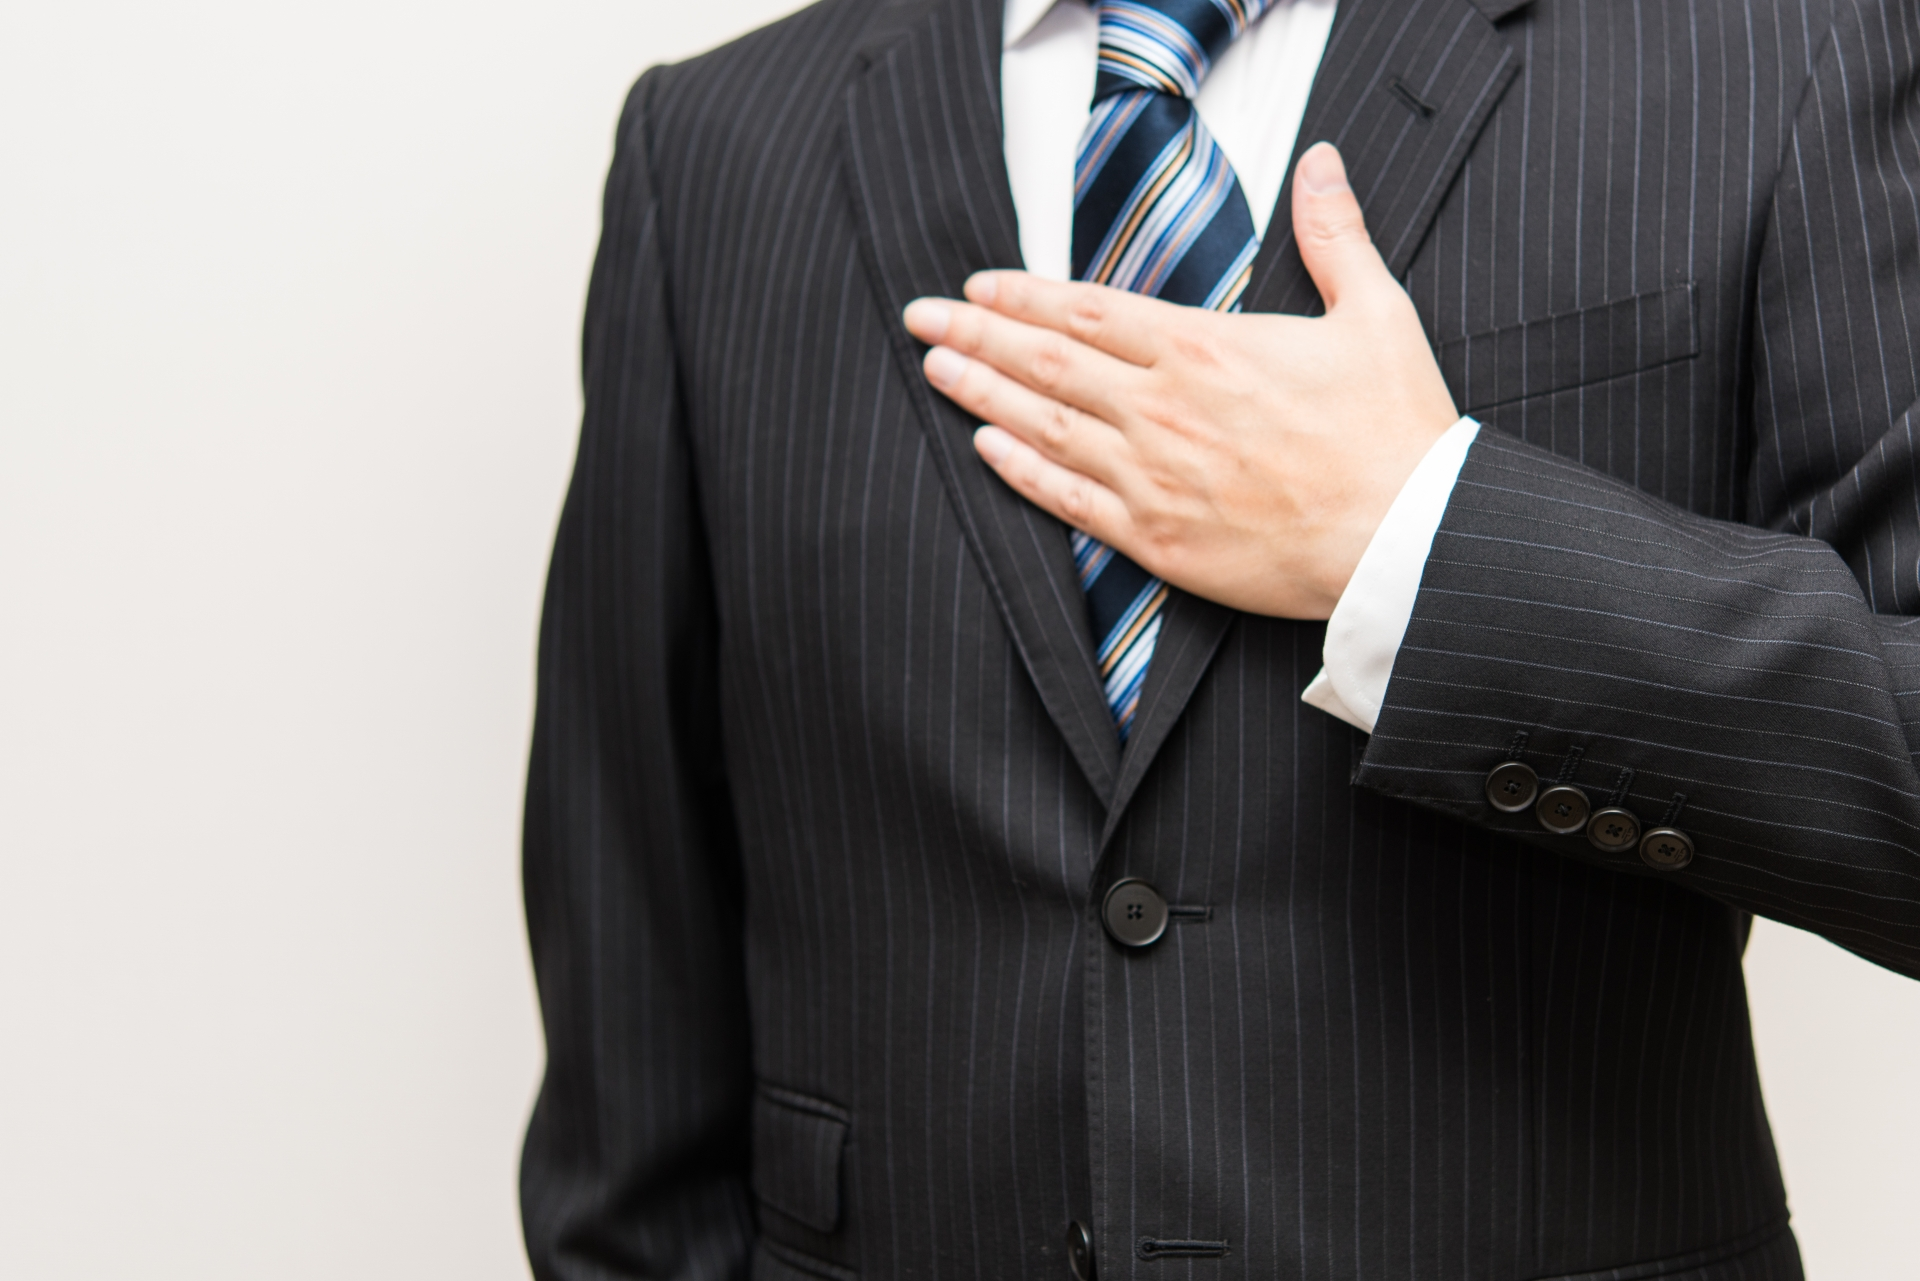 ルート営業のきつい仕事内容とは?向いてる人、向いていない人の特徴